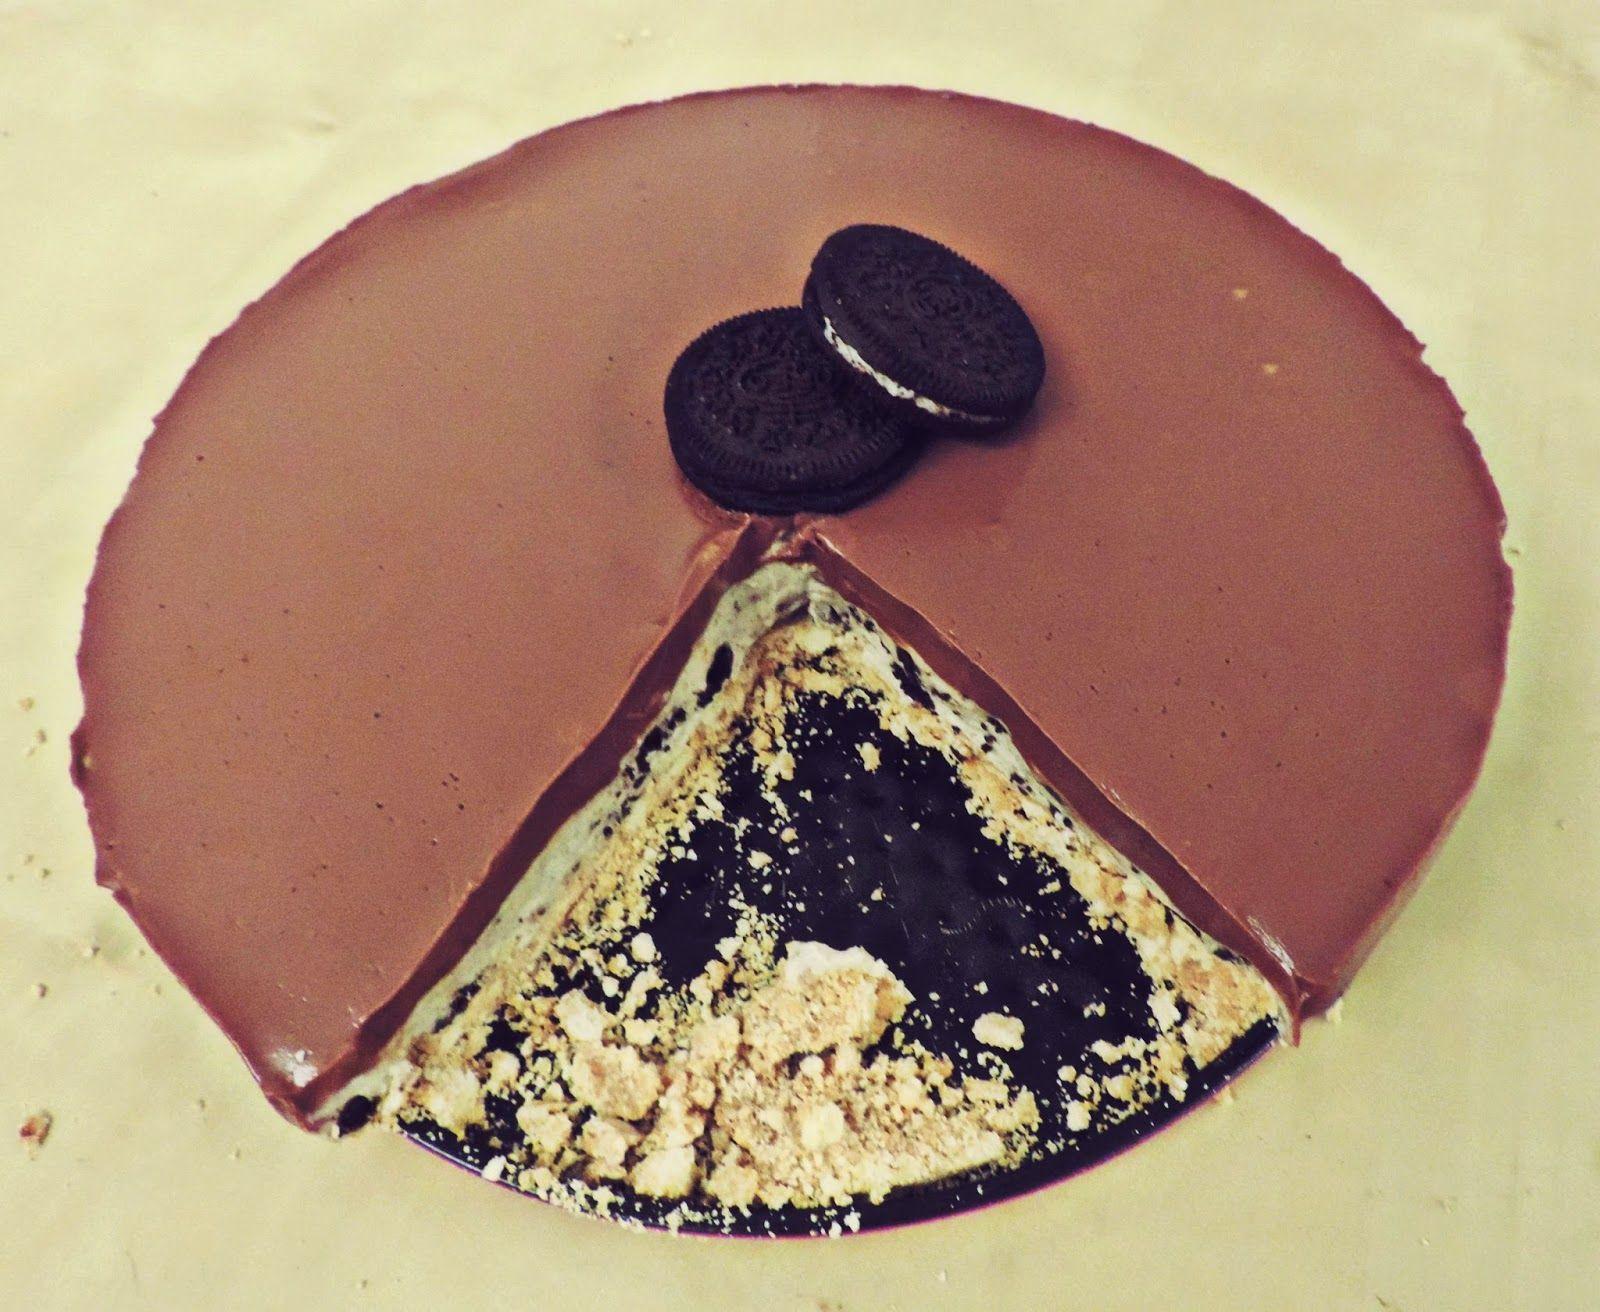 Yummy Vegan Vibe Recipes עוגת קרם עוגיות אוראו מופלאה Oreo Cake Vegan Cake Desserts